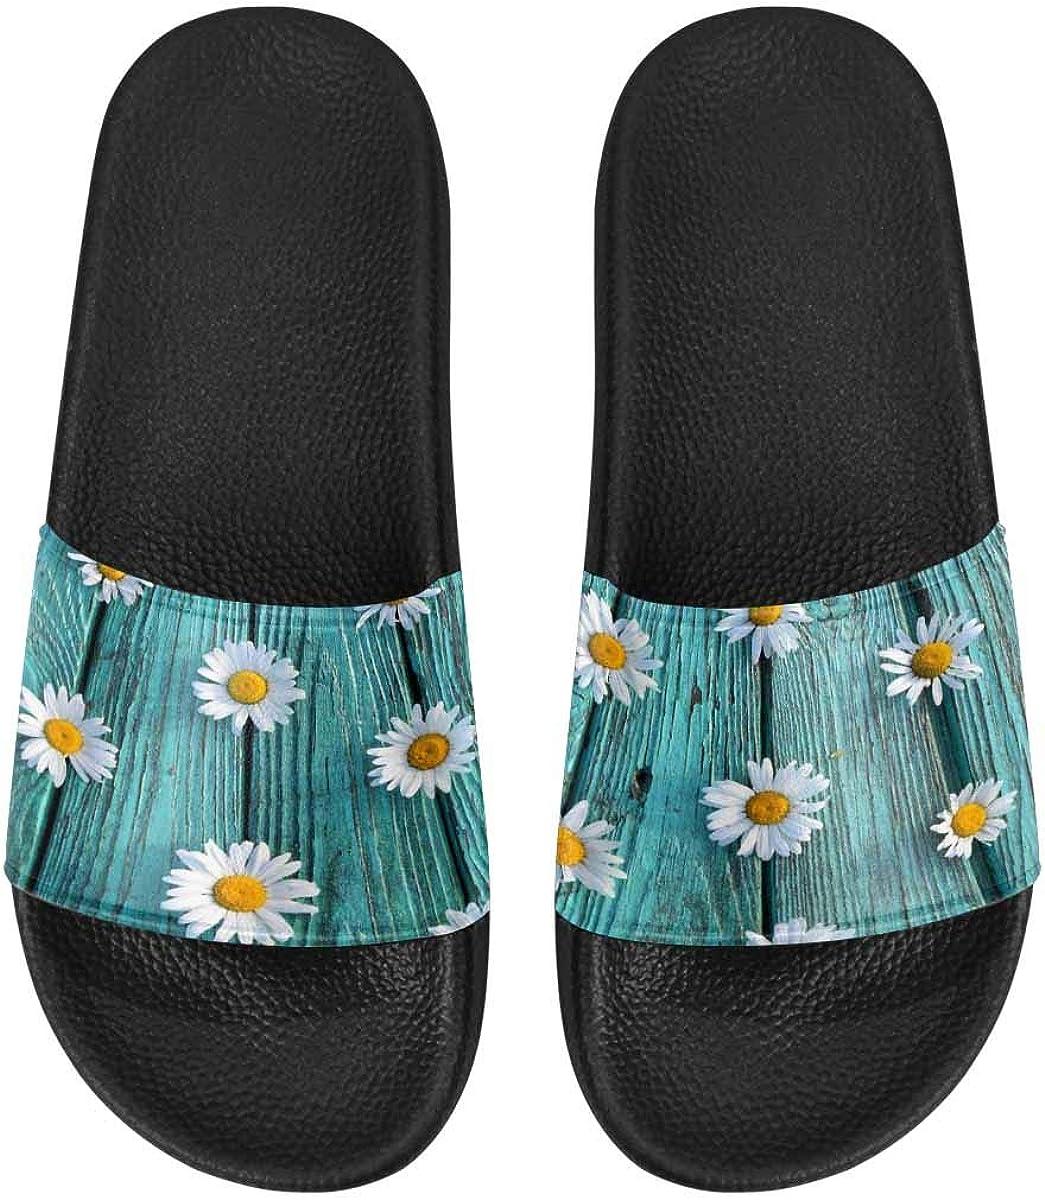 InterestPrint Women's Casual and Lightweight Slipper Sandals for